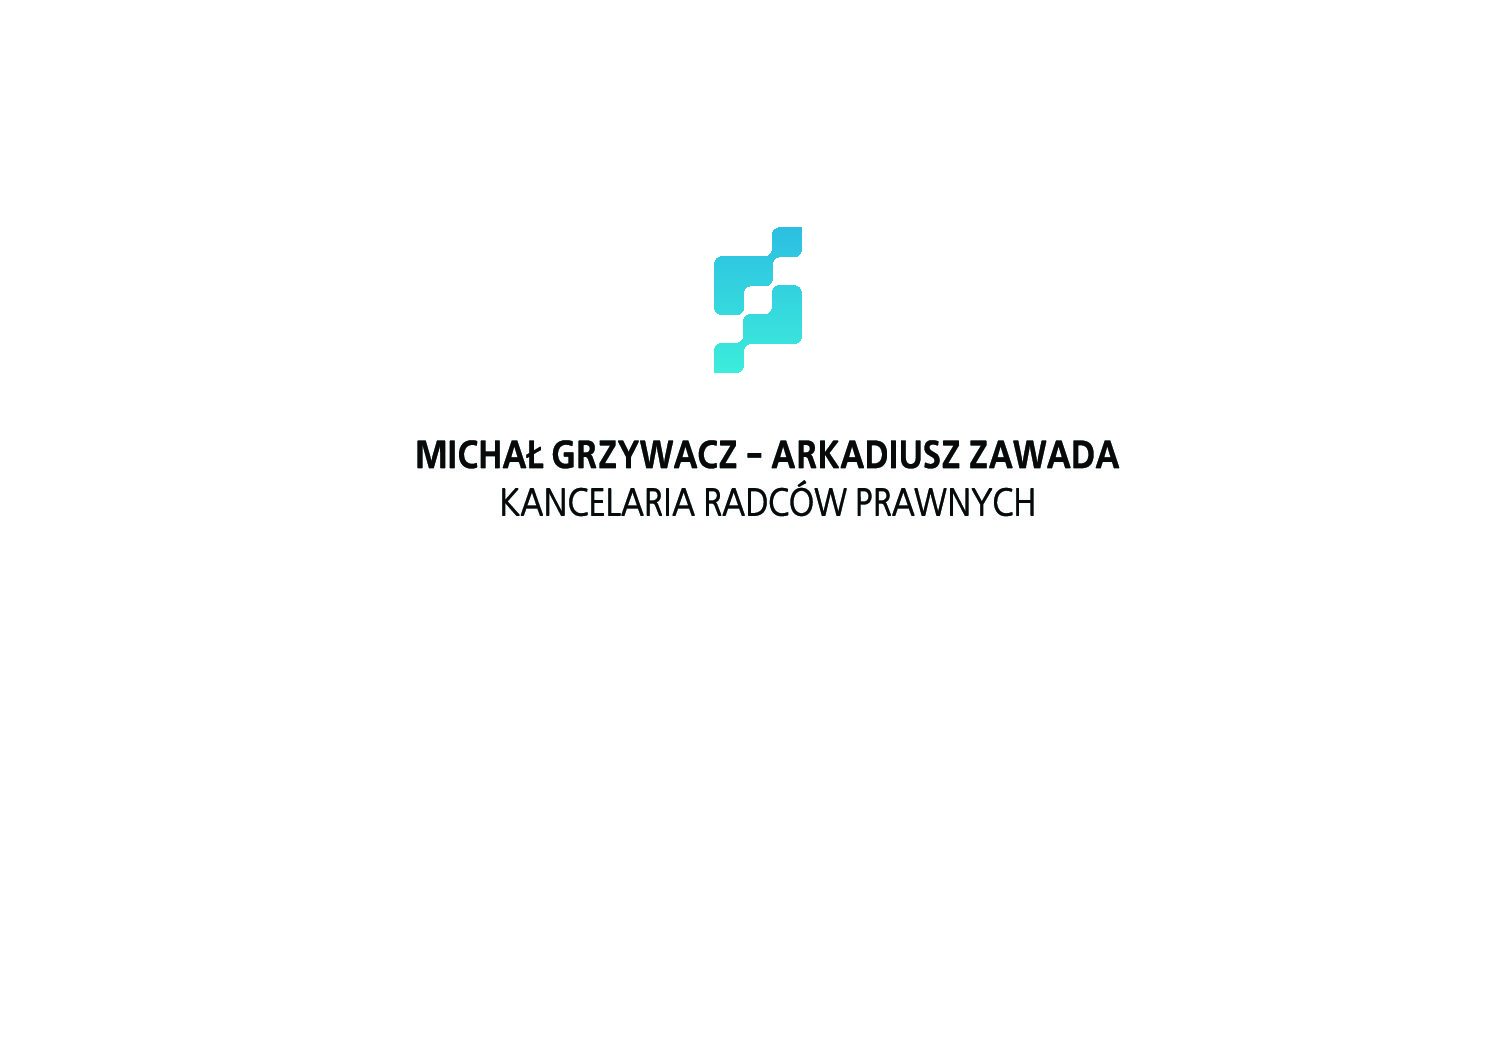 Kancelaria Radców Prawnych Grzywacz, Zawada